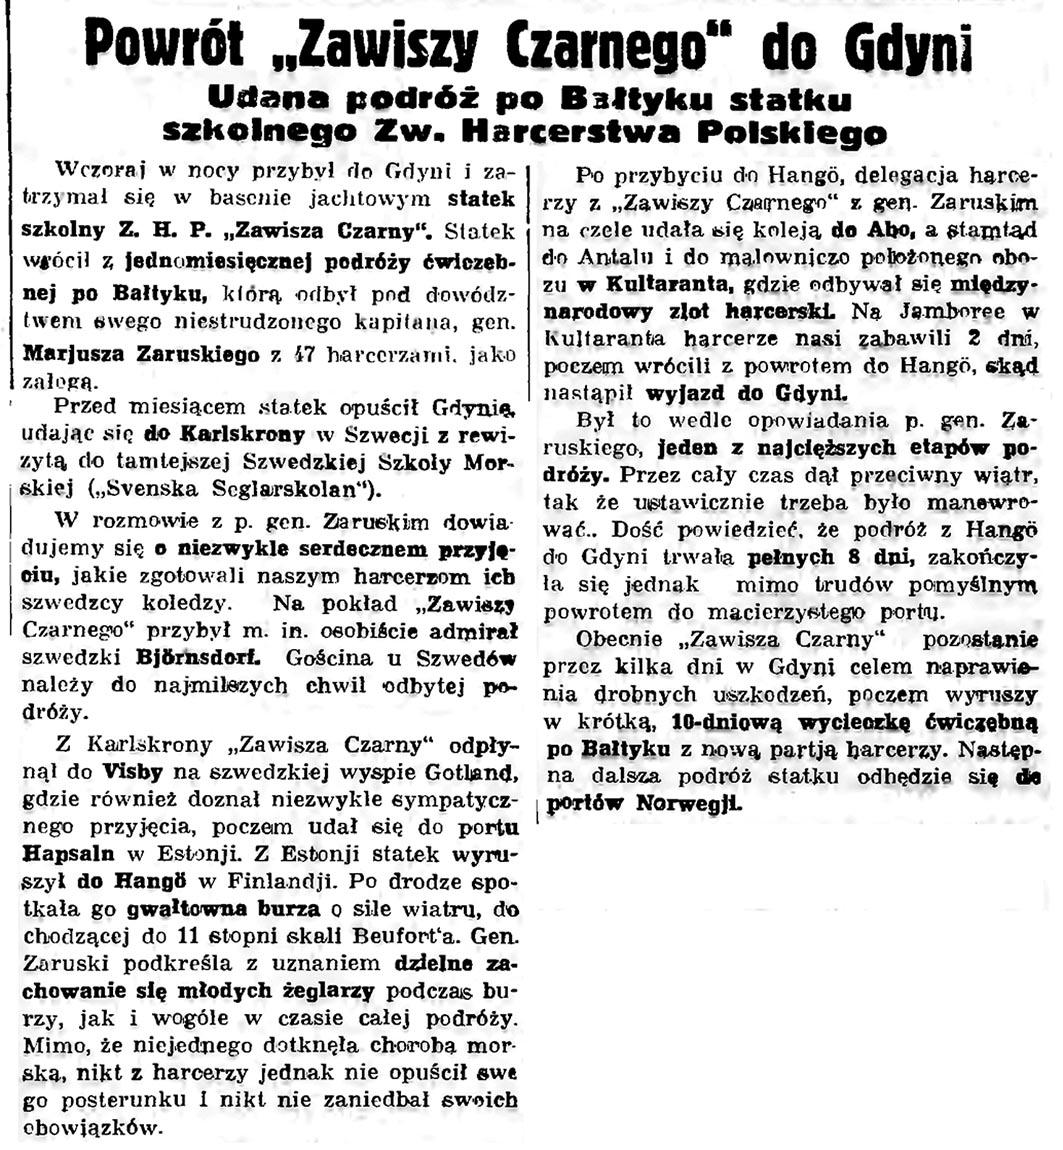 """Powrót """"Zawiszy Czarnego"""" do Gdyni. Udana podróż po Bałtyku statku szkolnego Zw. Harcerstwa Polskiego // Gazeta Gdańska. - 1936, nr 175, s. [1]"""